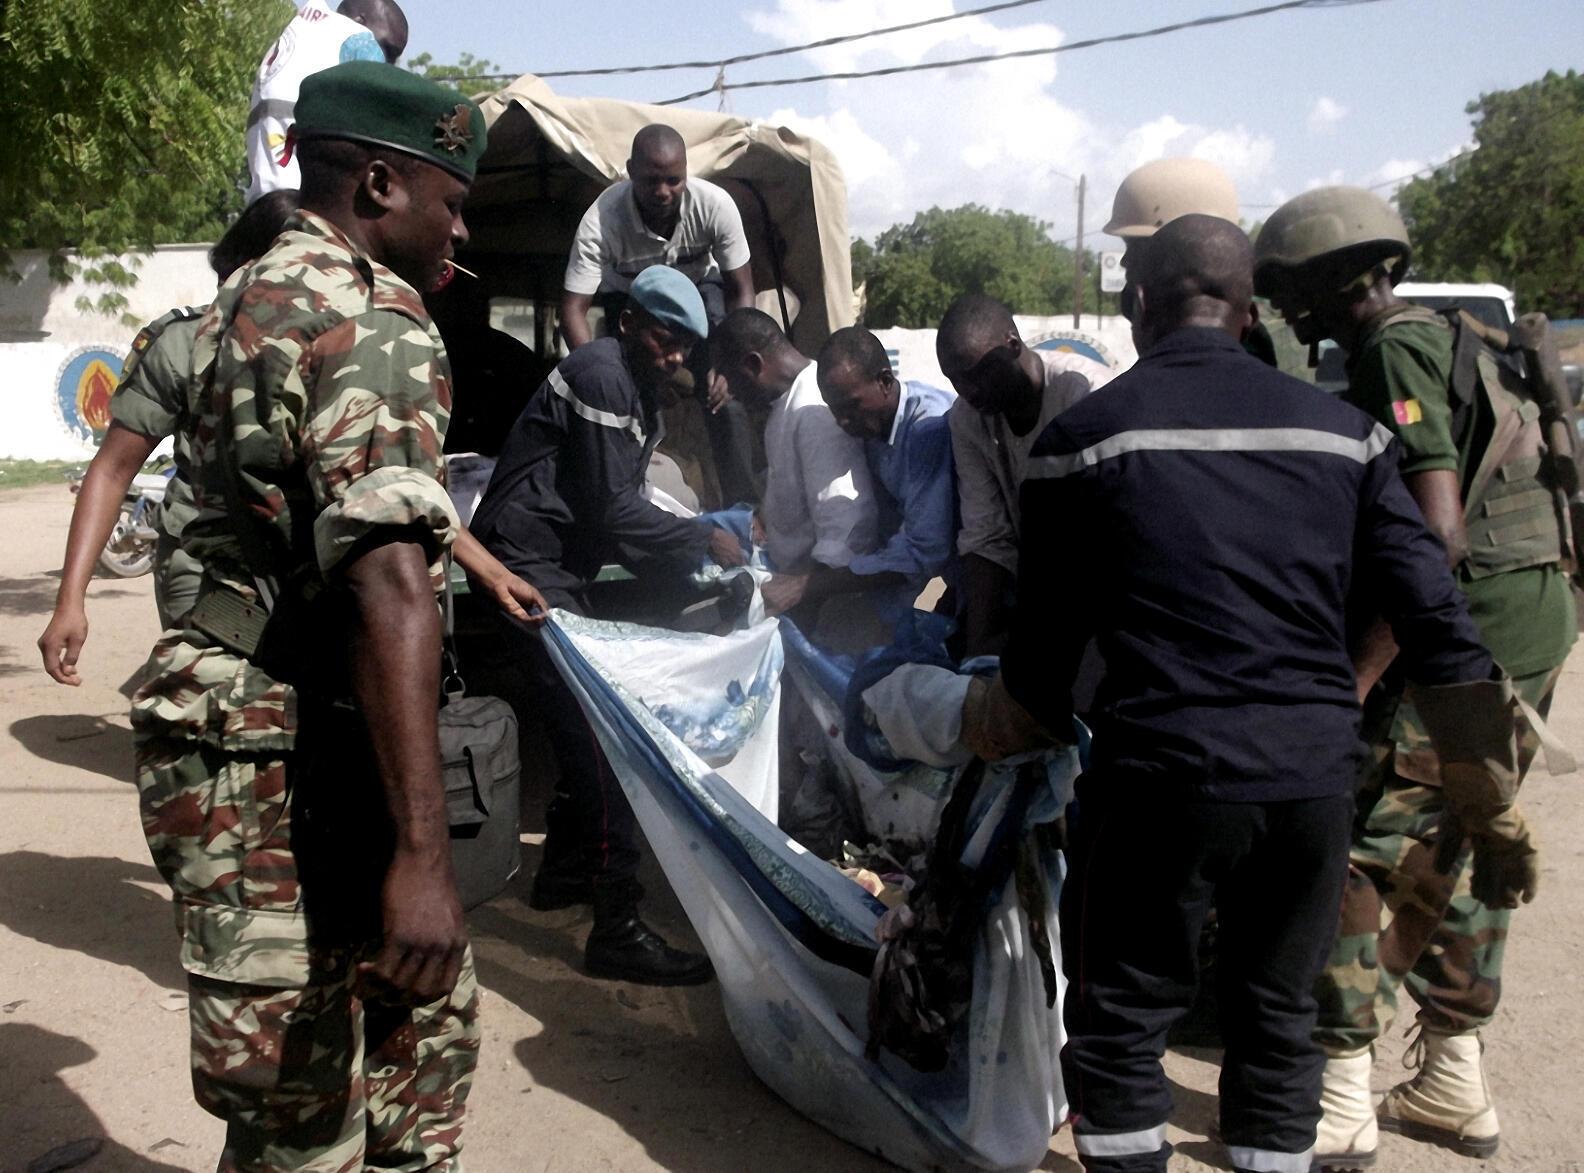 Un corps transporté par les secours après l'attaque-suicide qui a touché la ville de Maroua, dans le nord du Cameroun, le 23 juillet 2015.